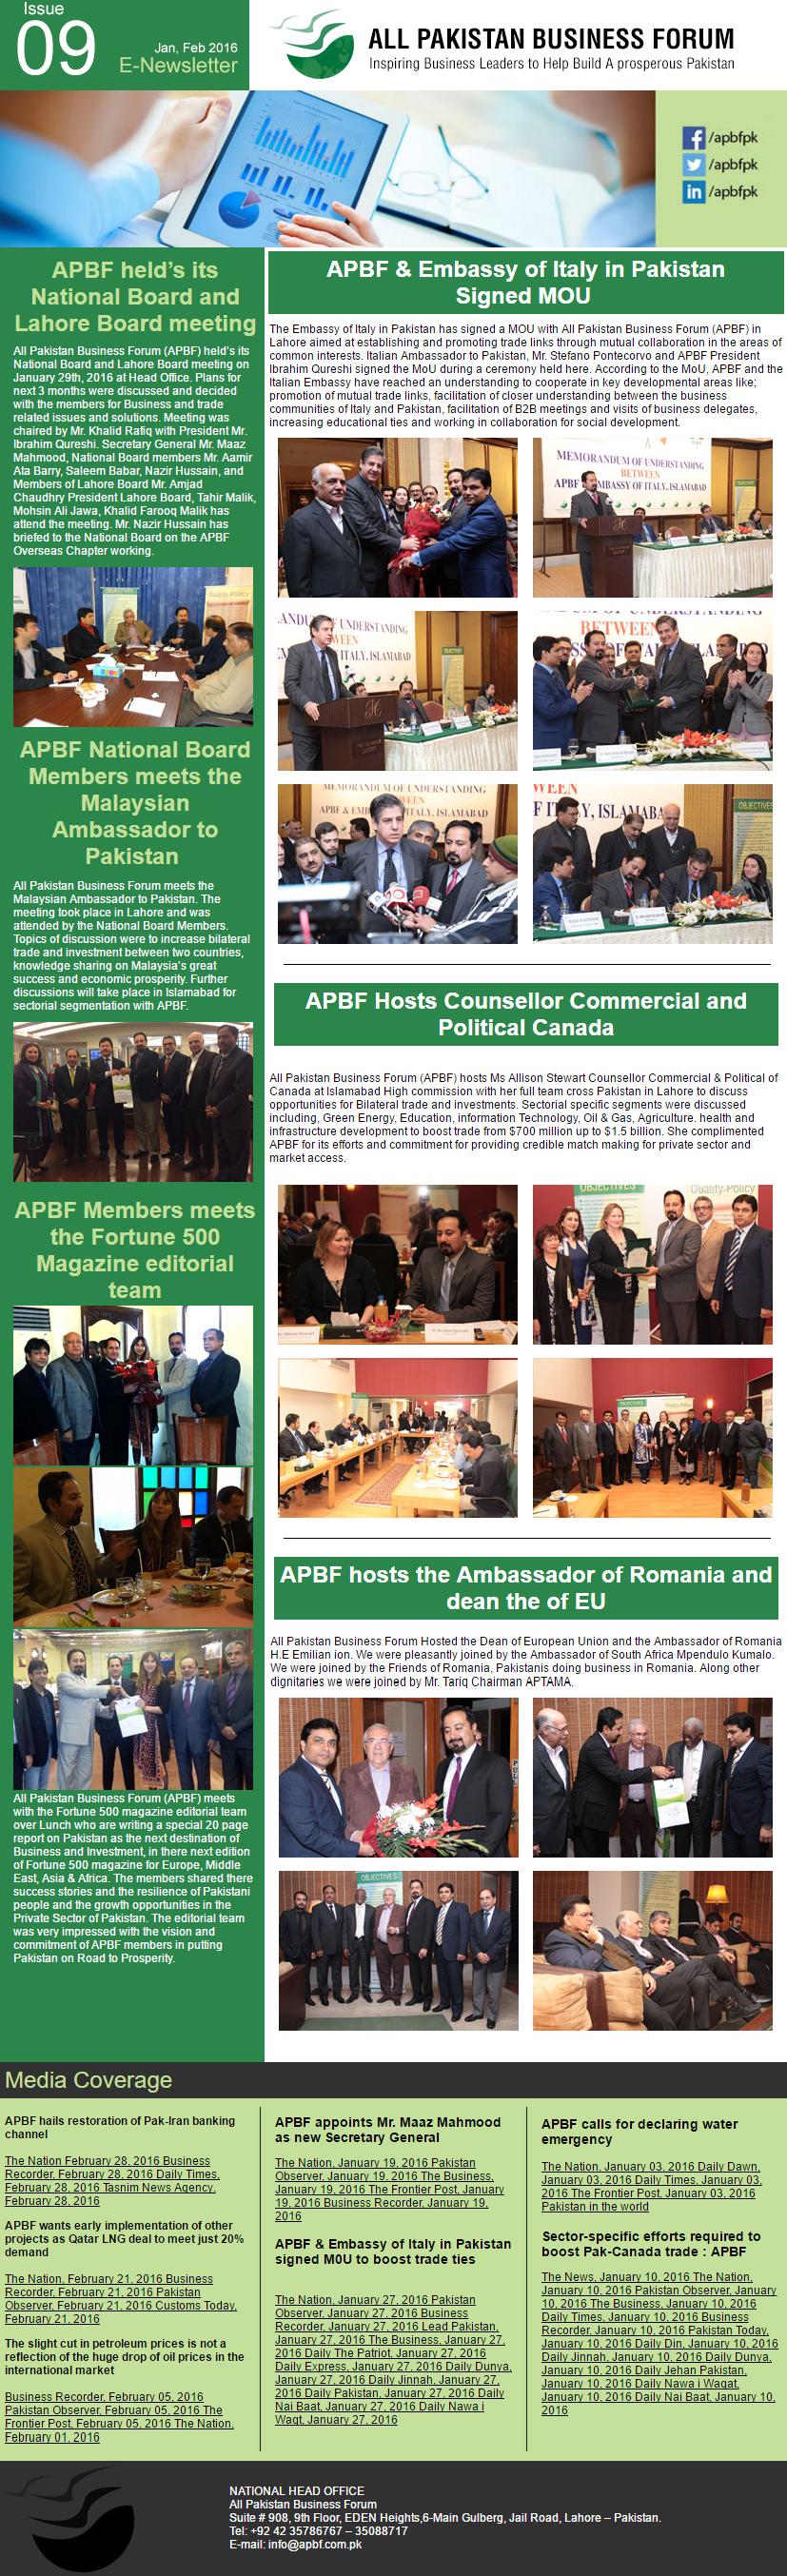 APBF E Newsletter 09